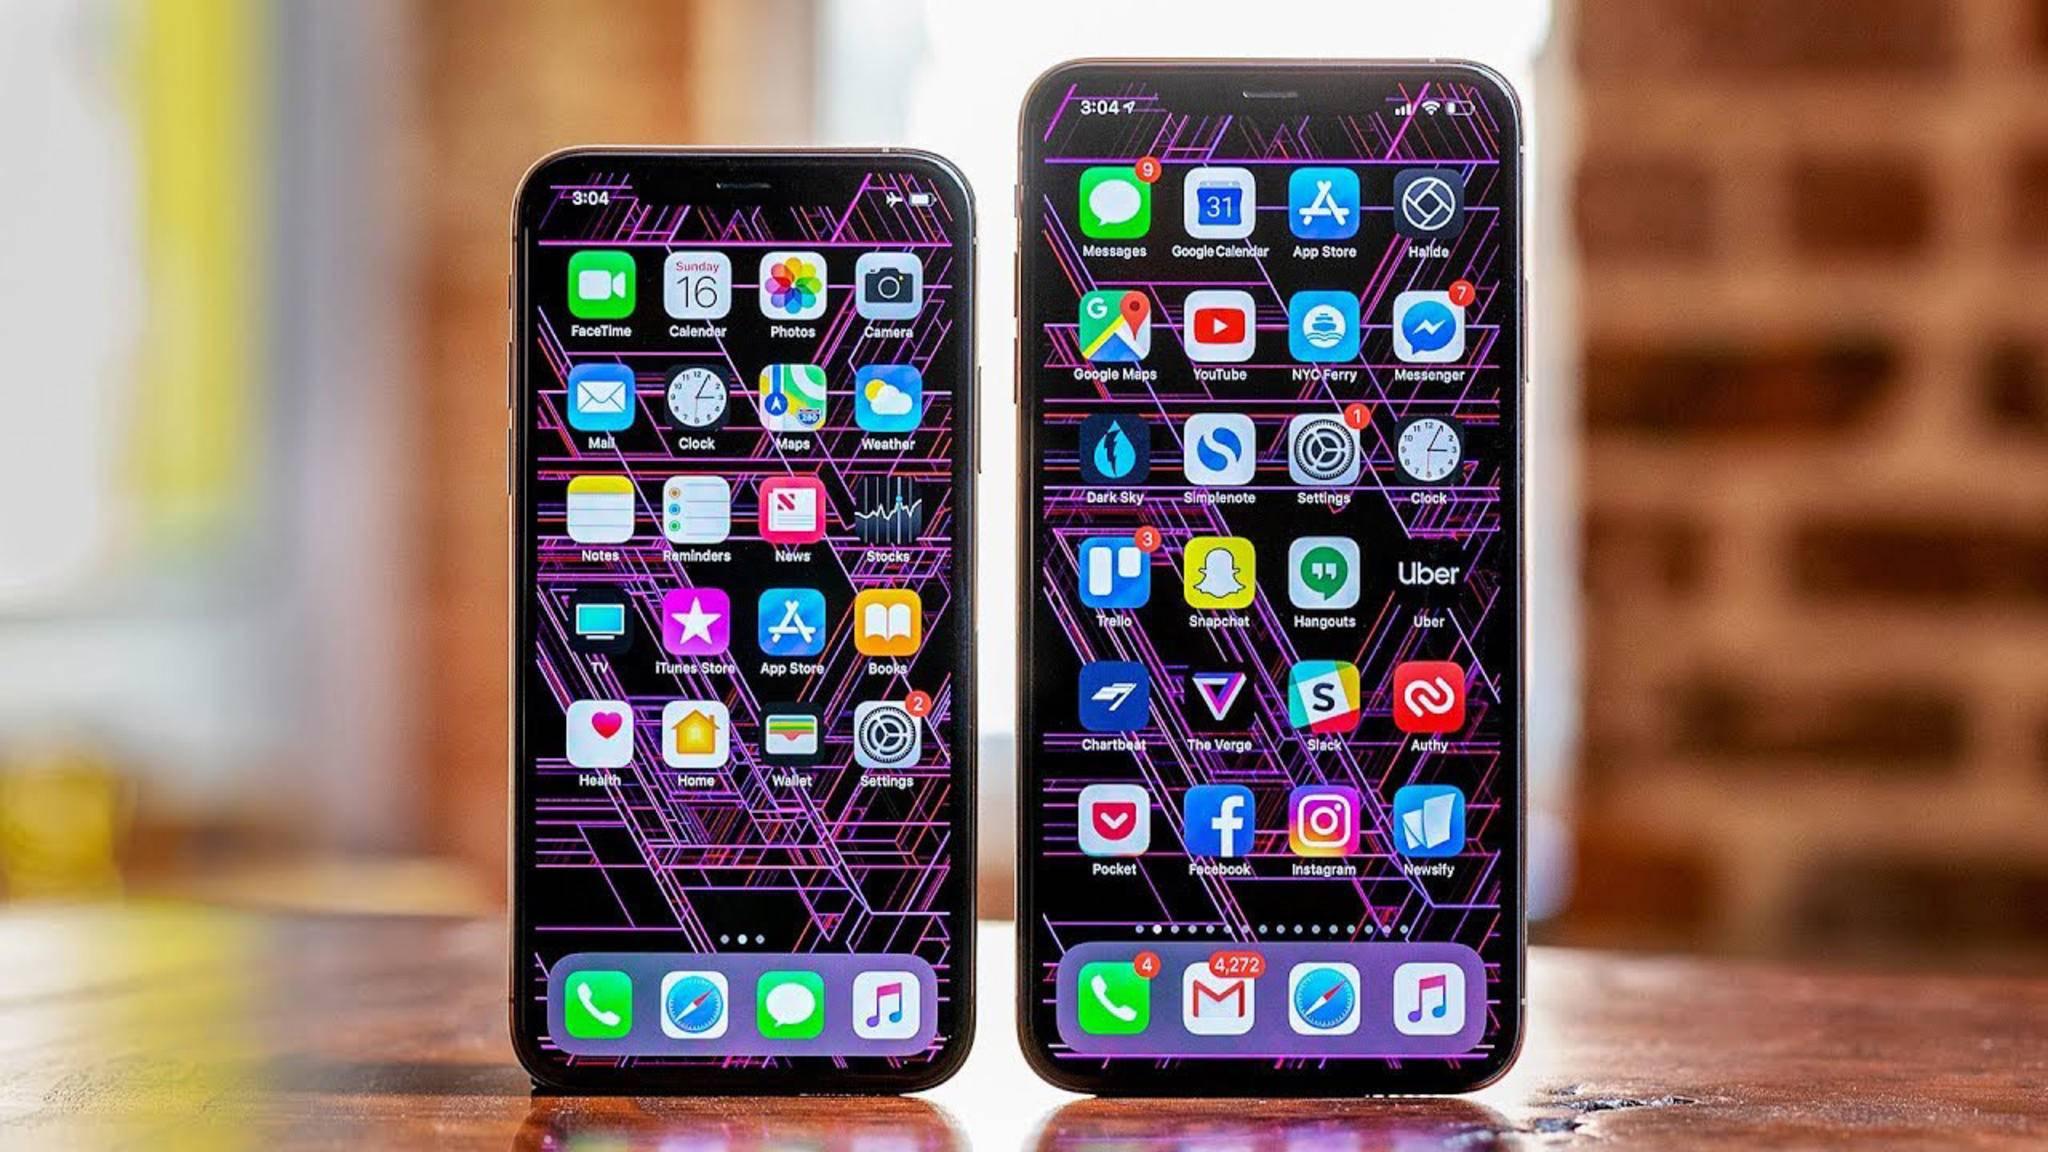 Das iPhone XS verfügt schon über ein OLED-Display. Zukünftig plant Apple komplett auf diese Bildschirm-Technologie umzusteigen.